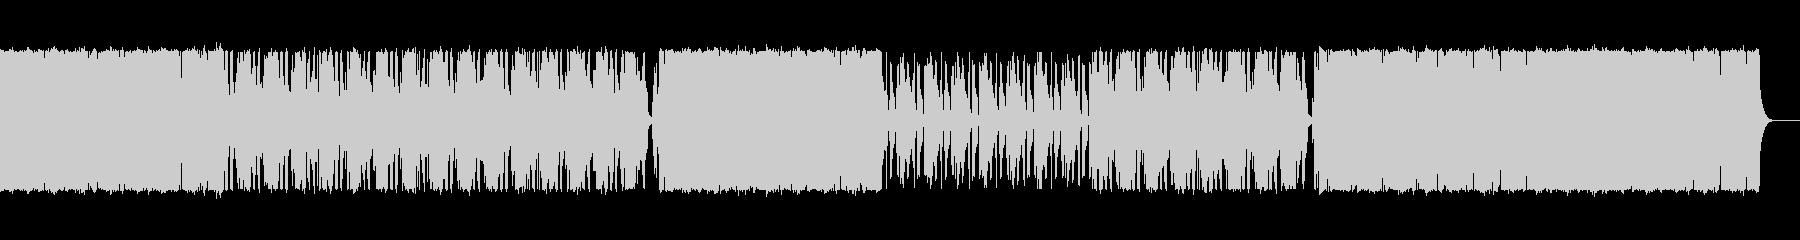 ビートとストリングスが印象的な曲の未再生の波形